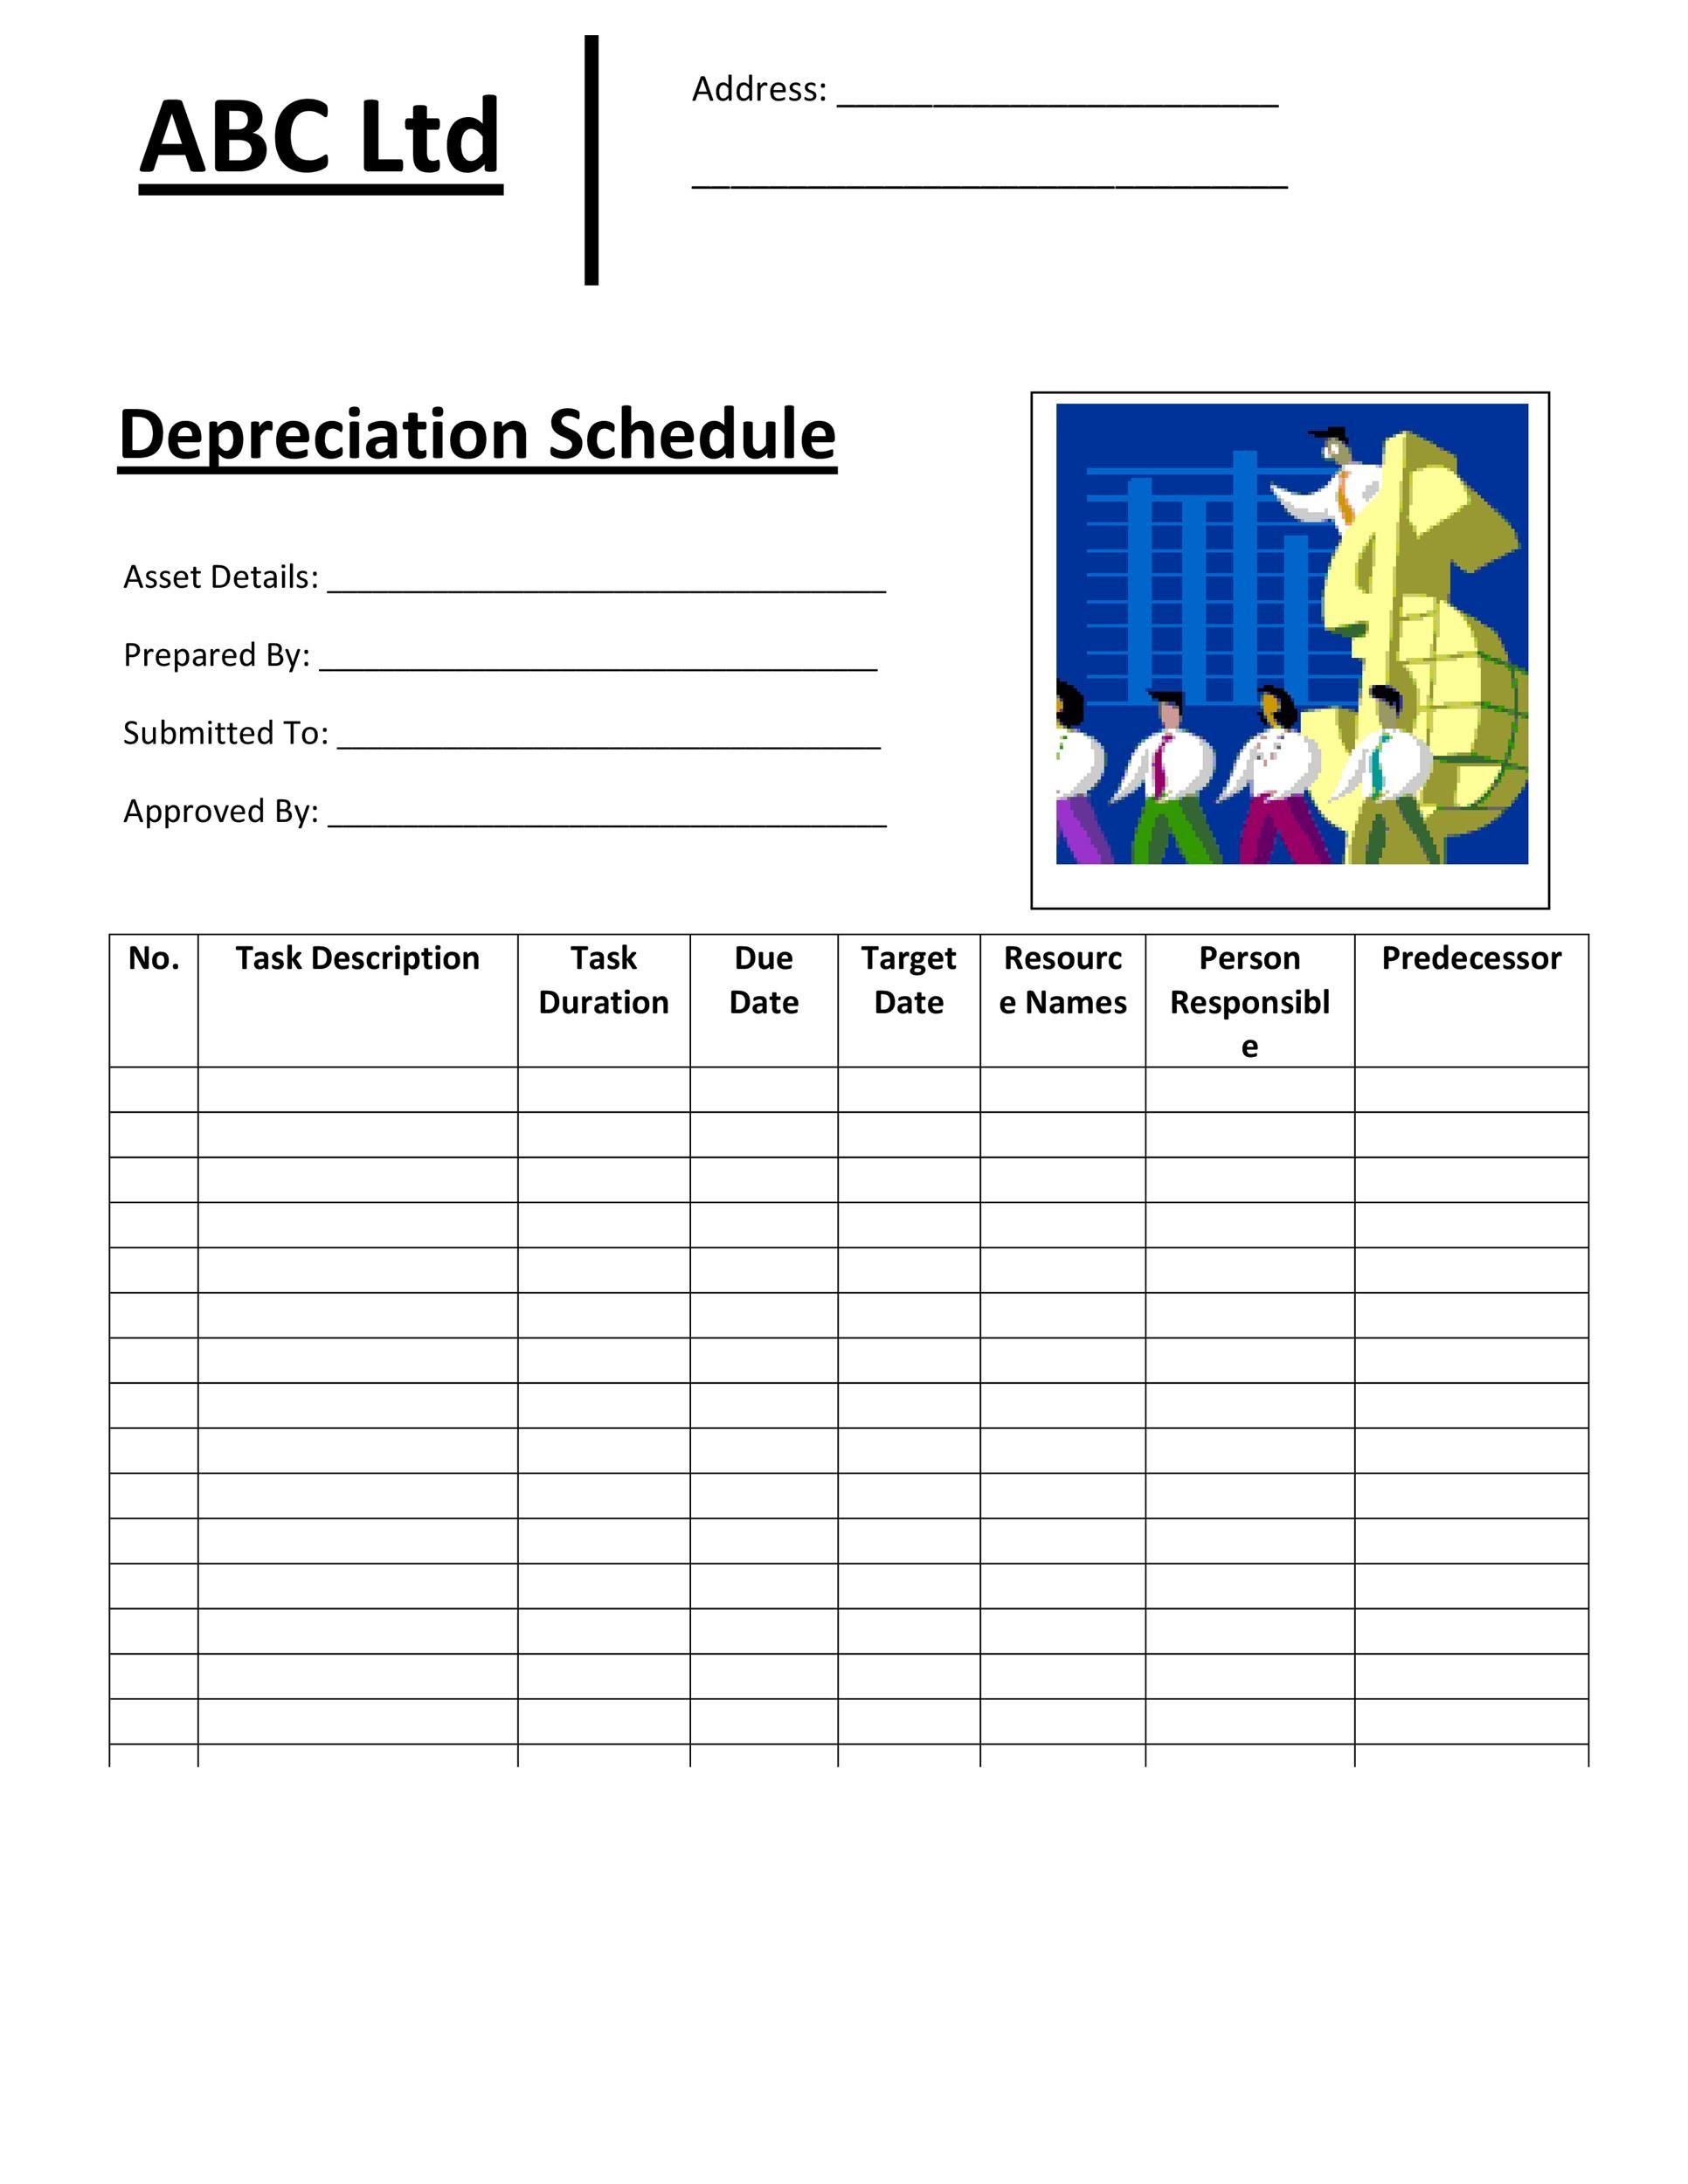 Free depreciation schedule template 31